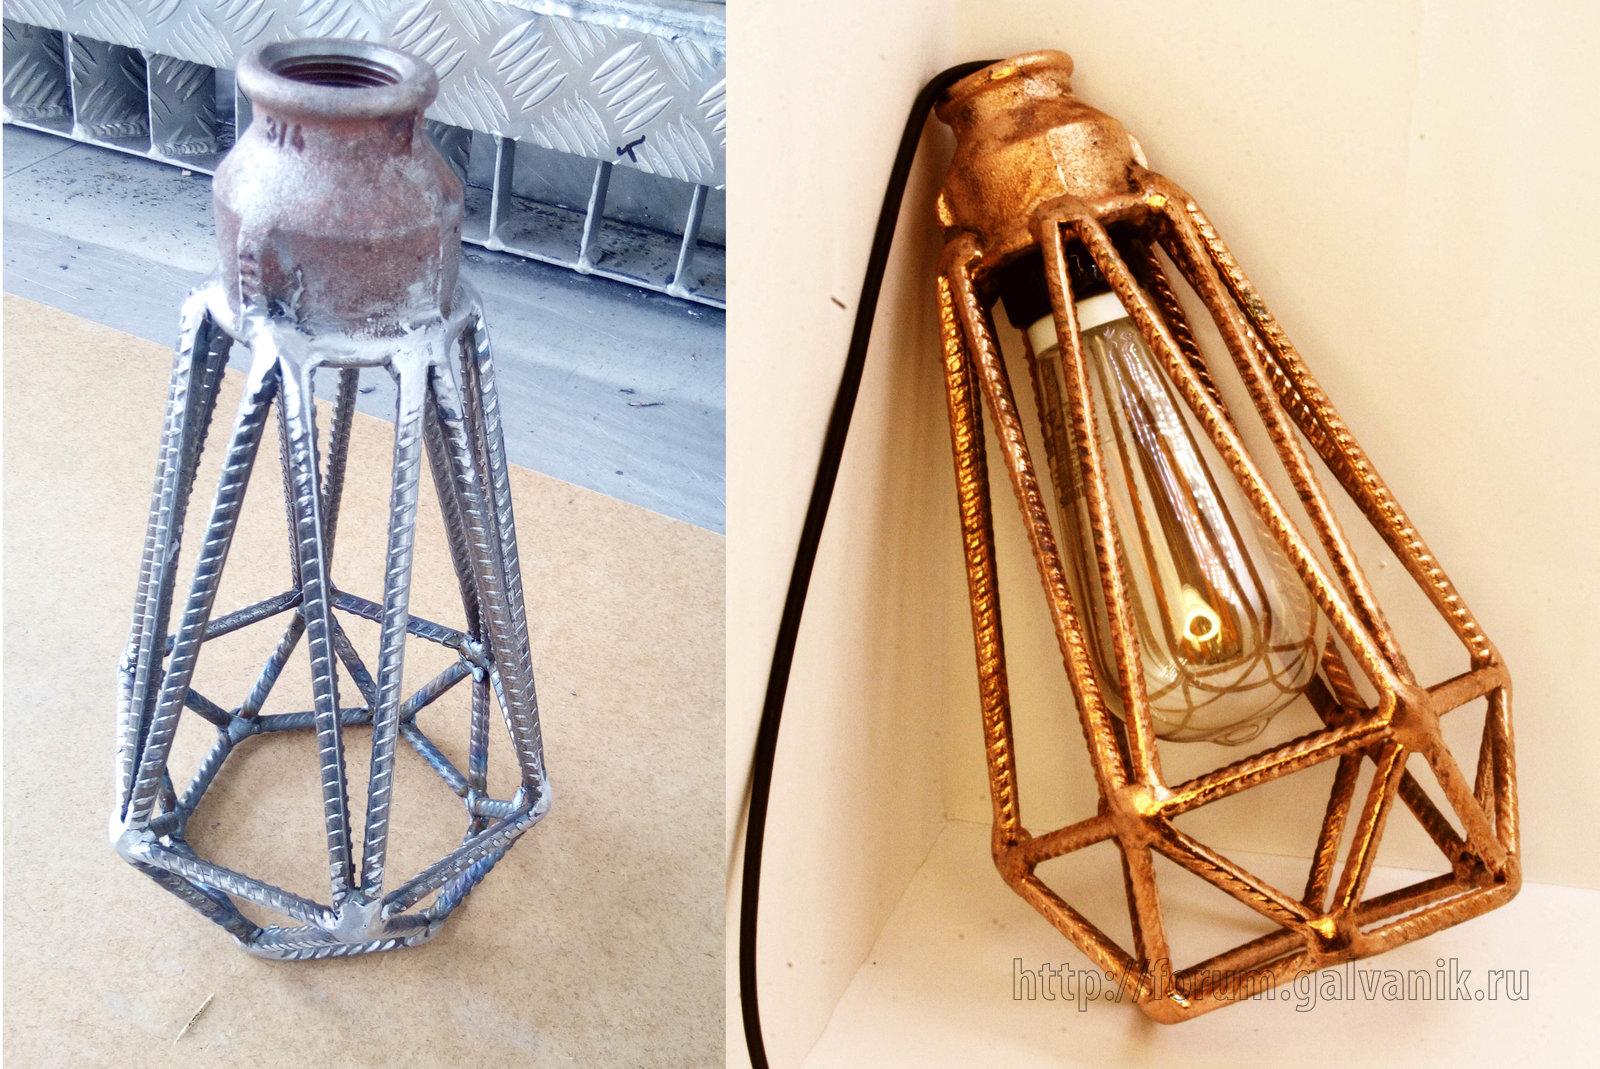 pipe lamp cover.jpg